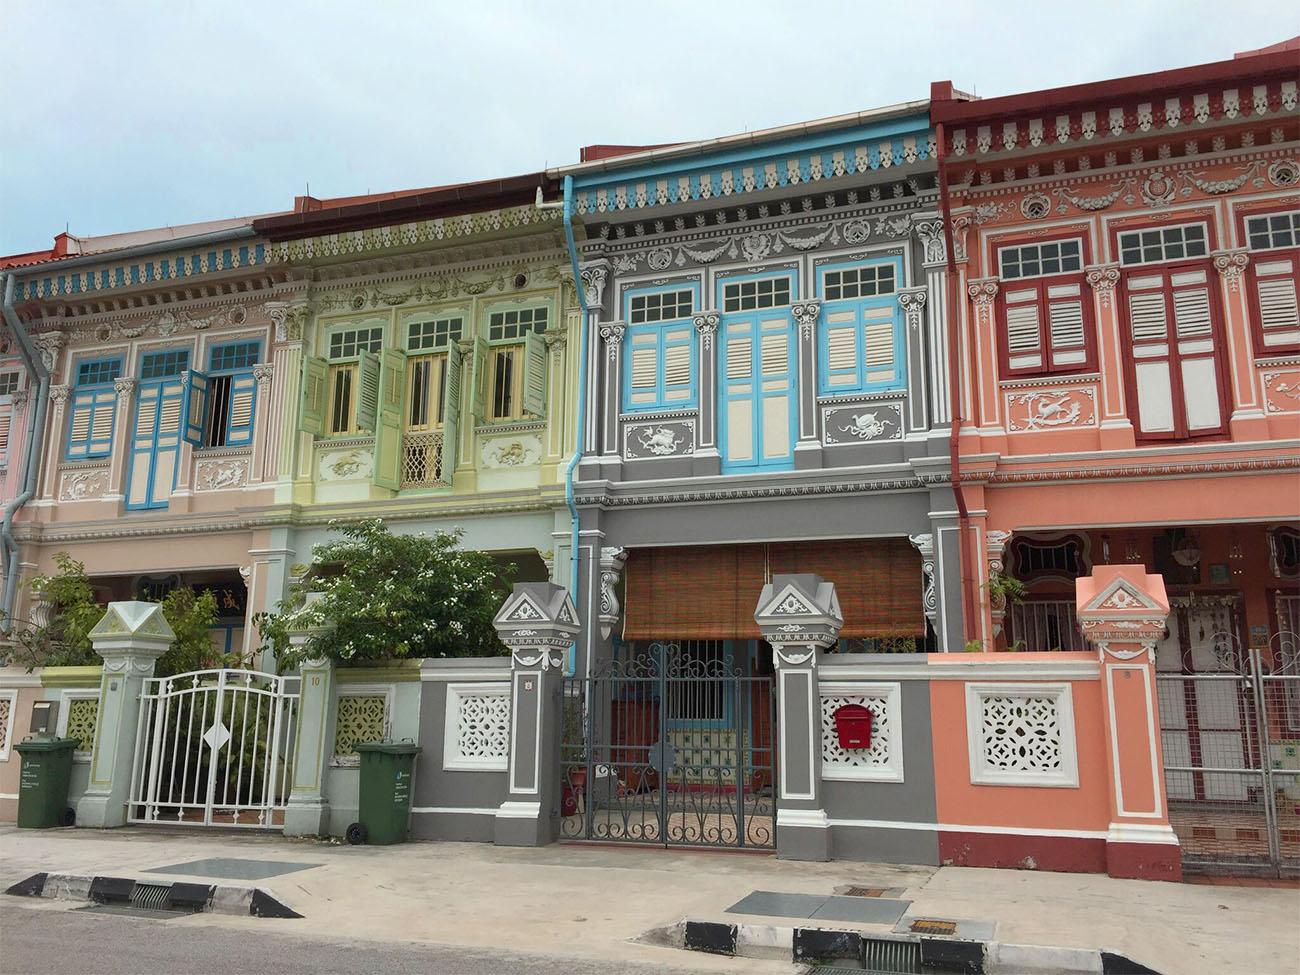 Houses on Koon Seng Road